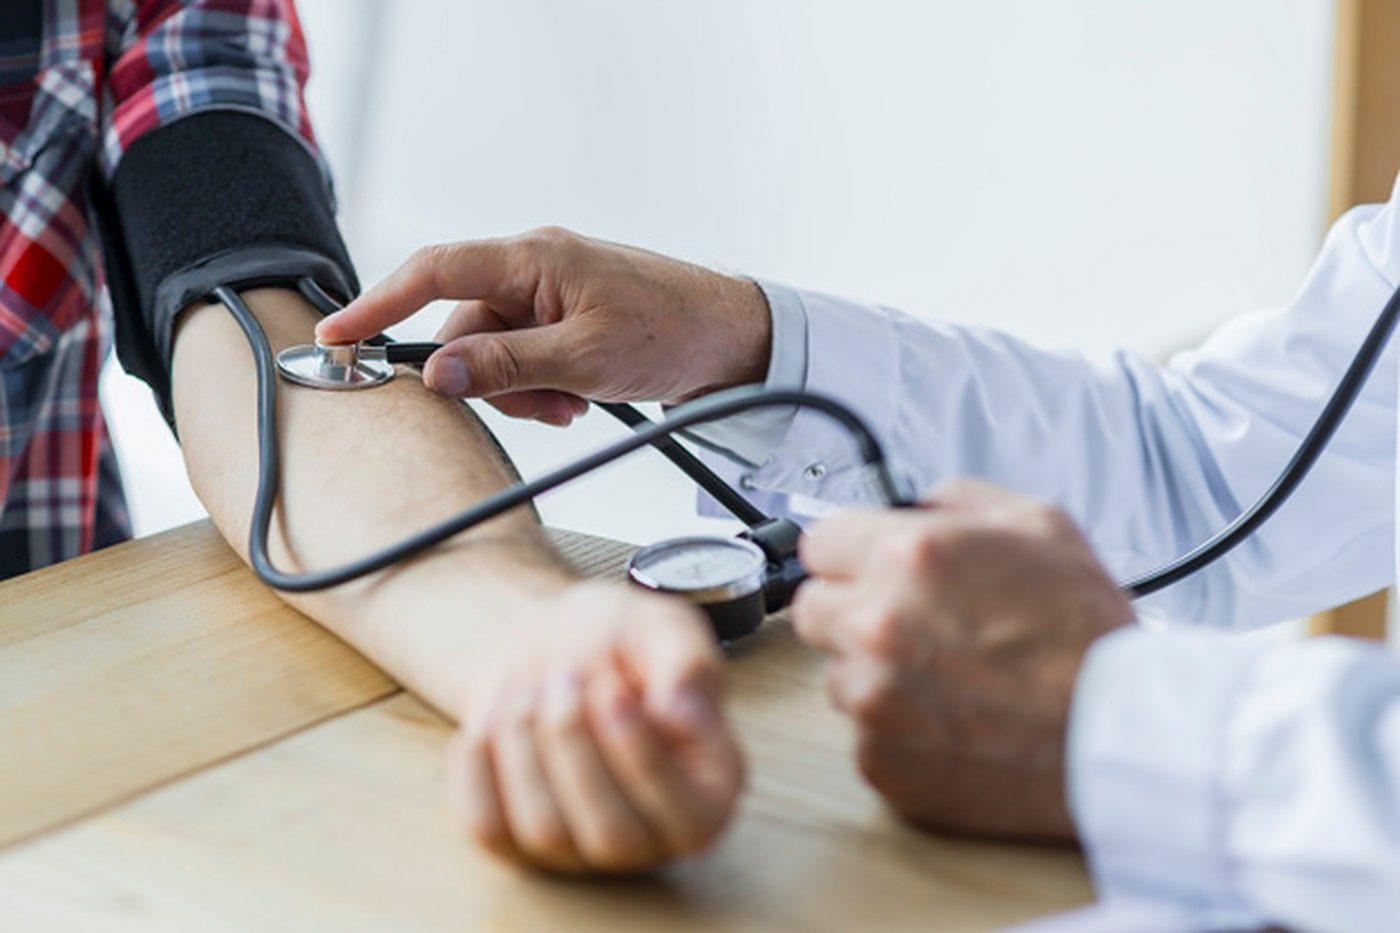 napad panike visokog krvnog tlaka akupunktura i hipertenzija